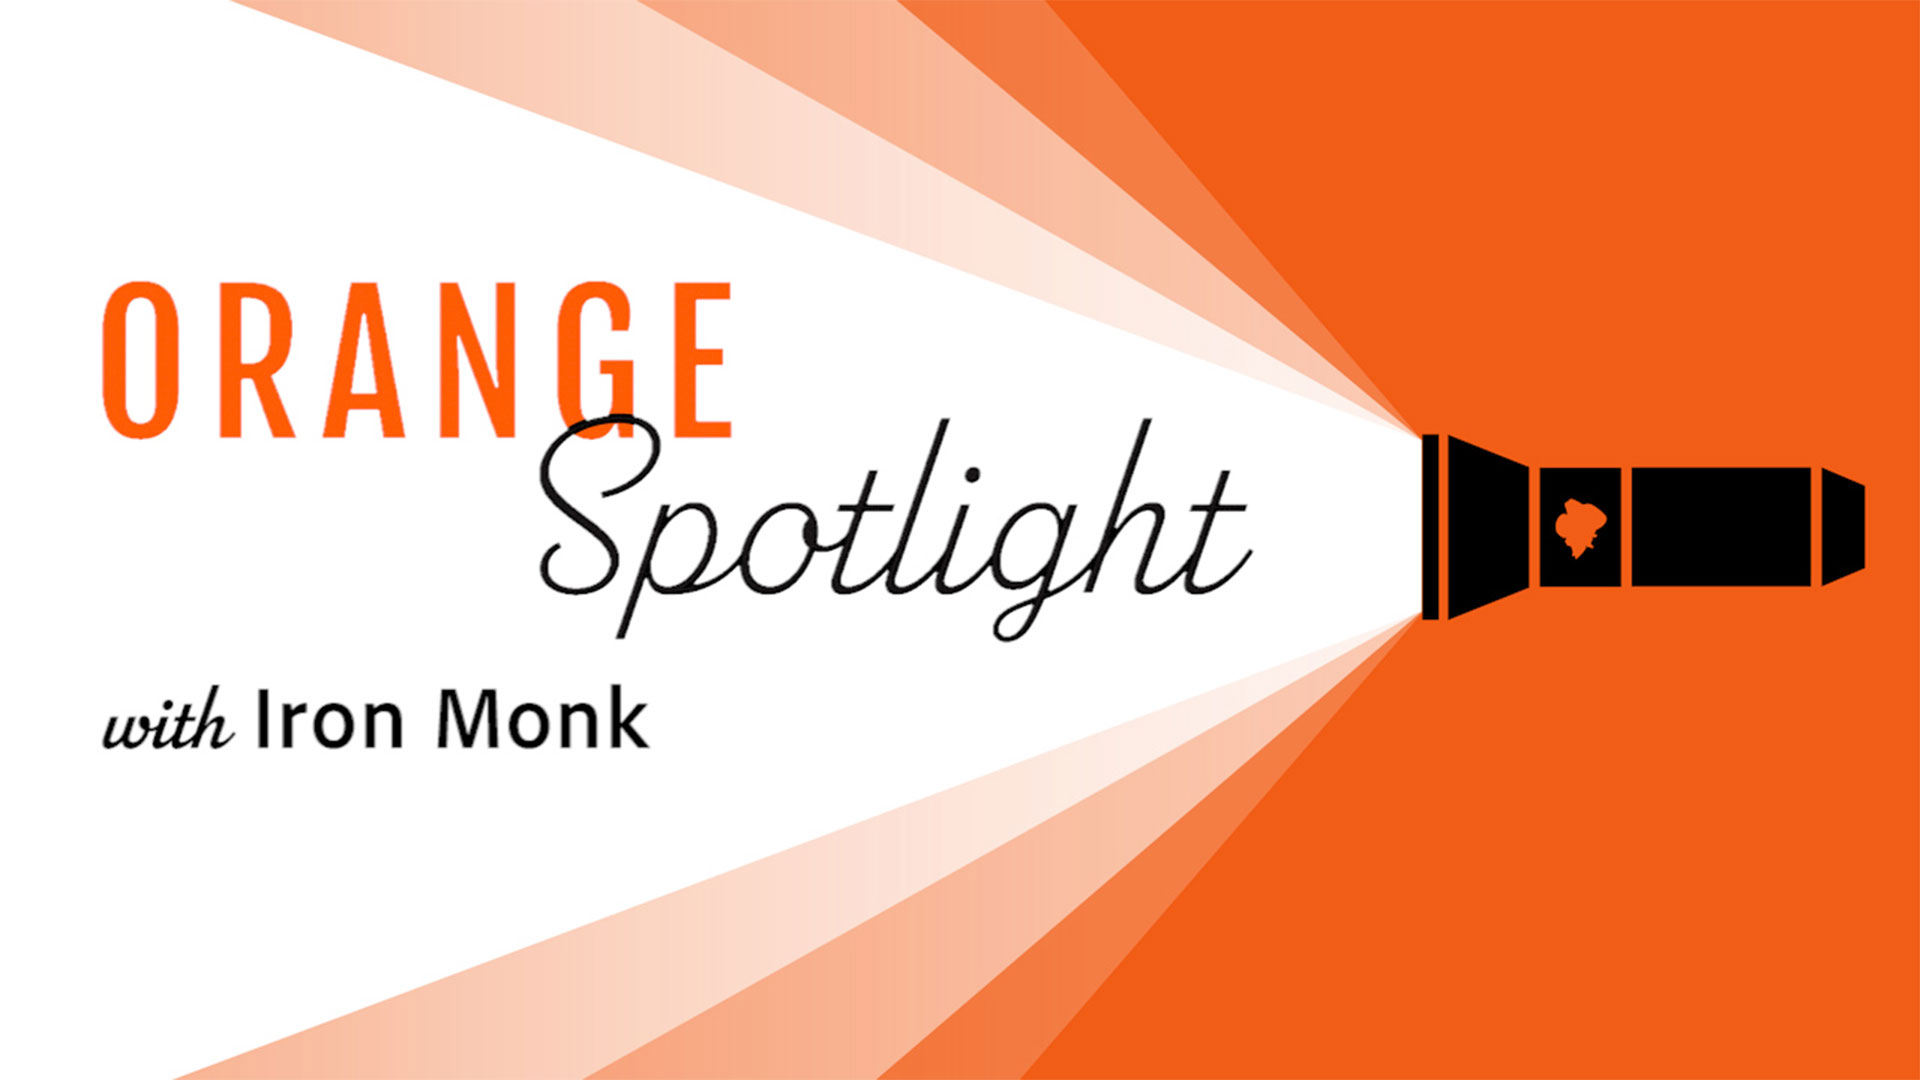 Image for Orange Spotlight: Iron Monk webinar